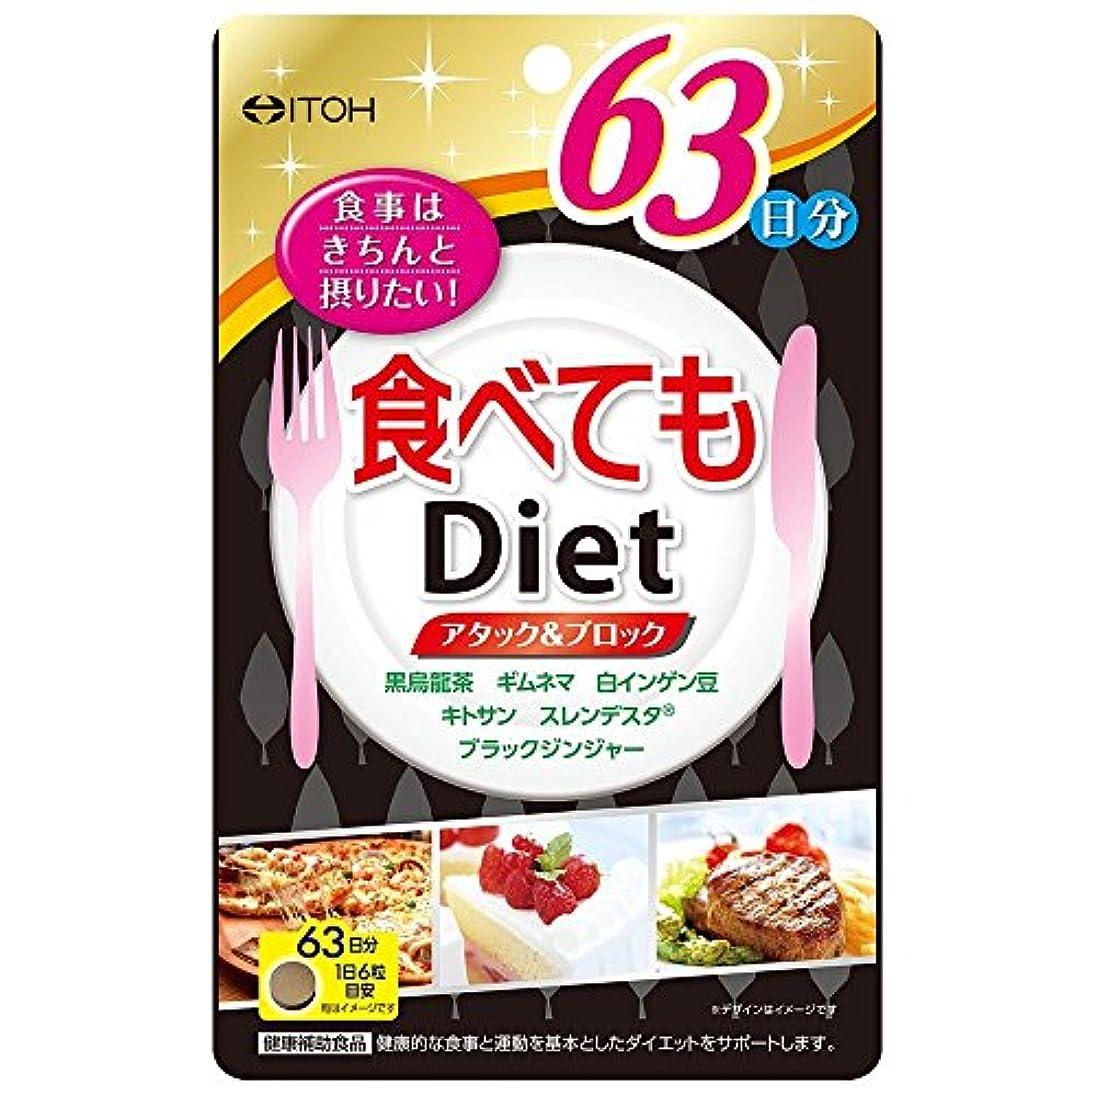 別れる徹底申込み井藤漢方製薬 食べてもDiet 378粒 約63日分